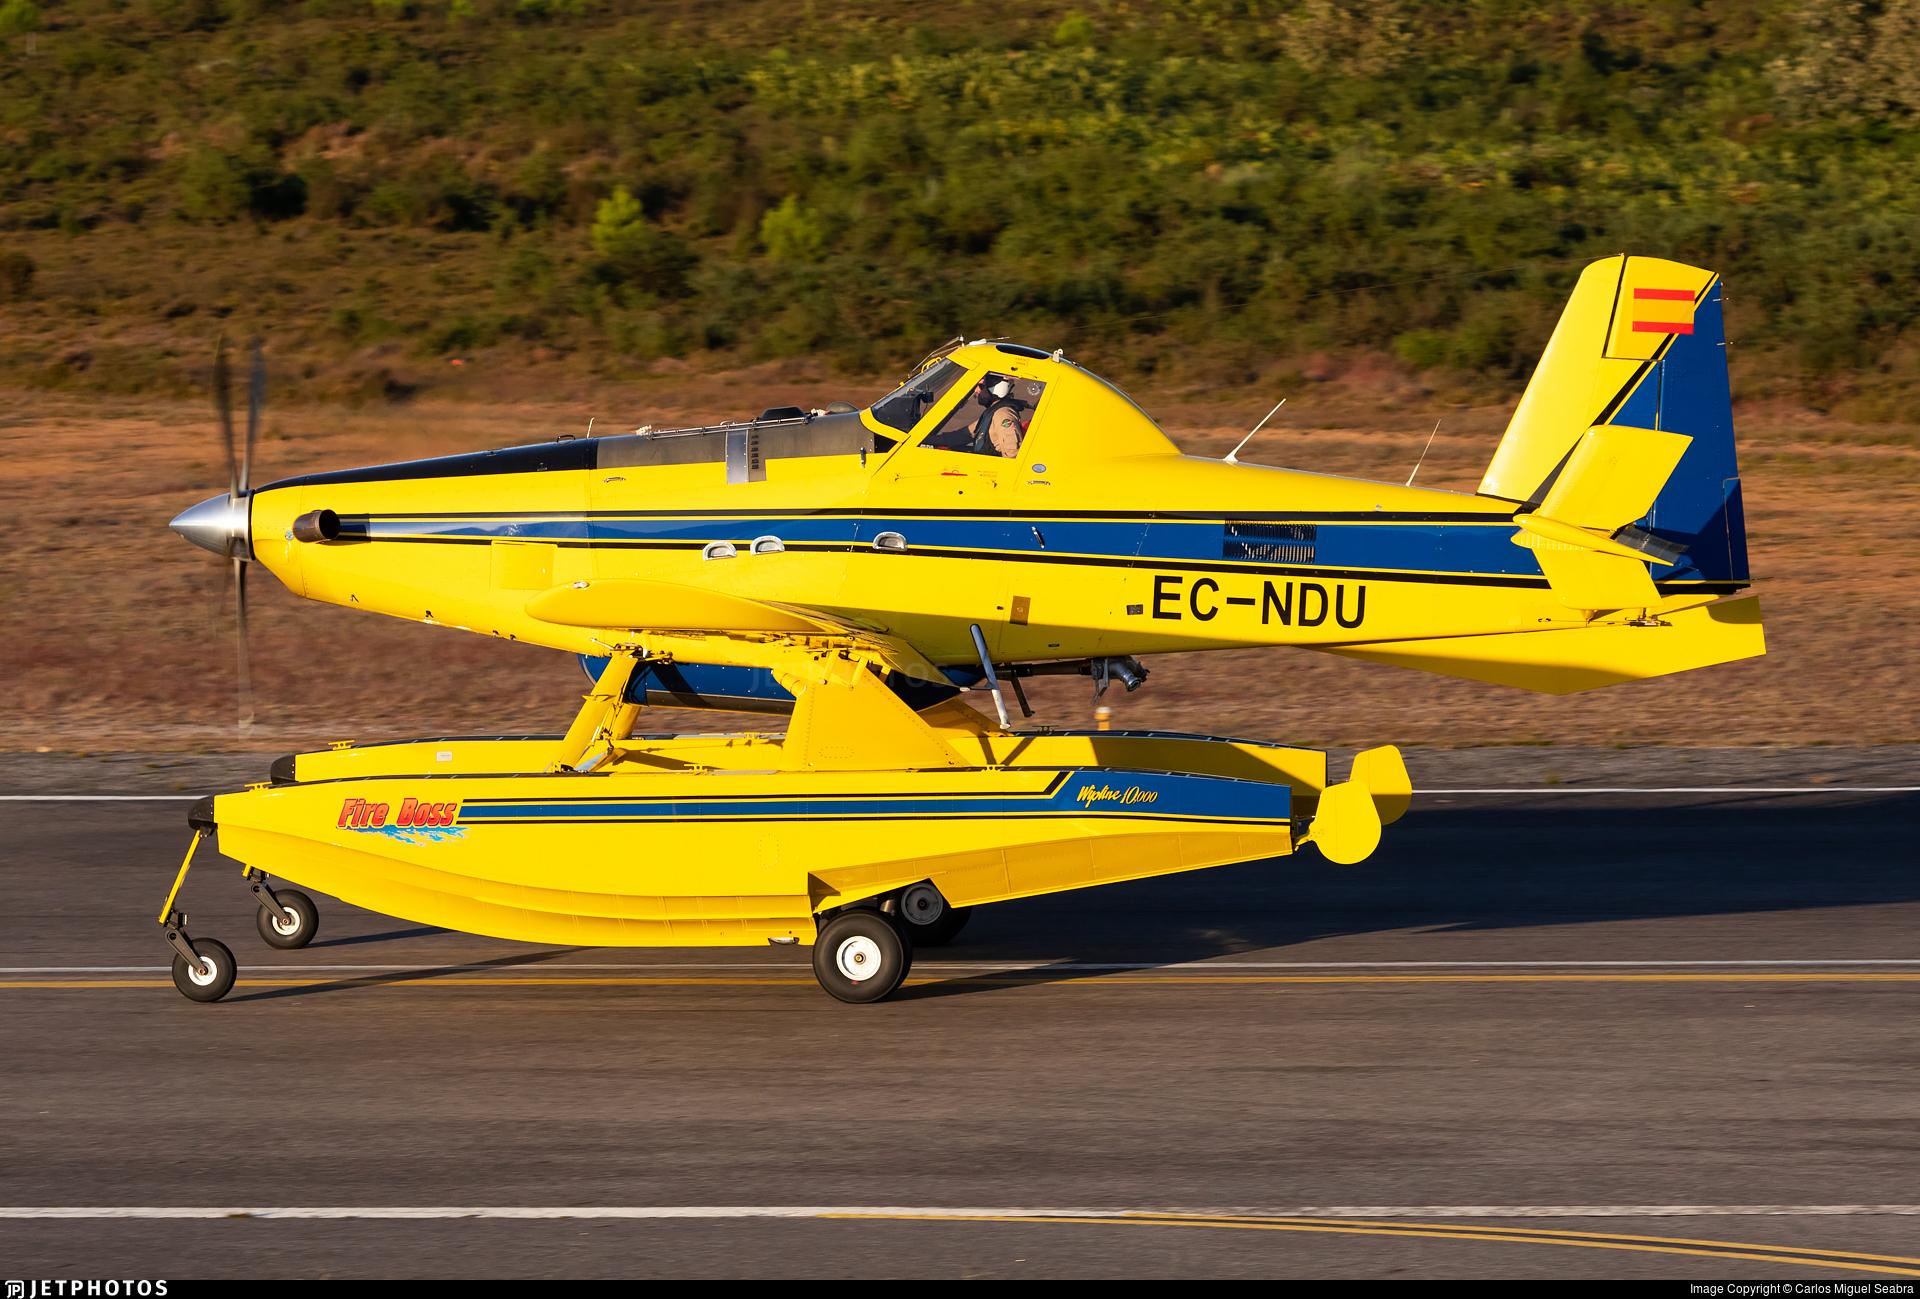 EC-NDU - Air Tractor AT-802A Fire Boss - Avialsa